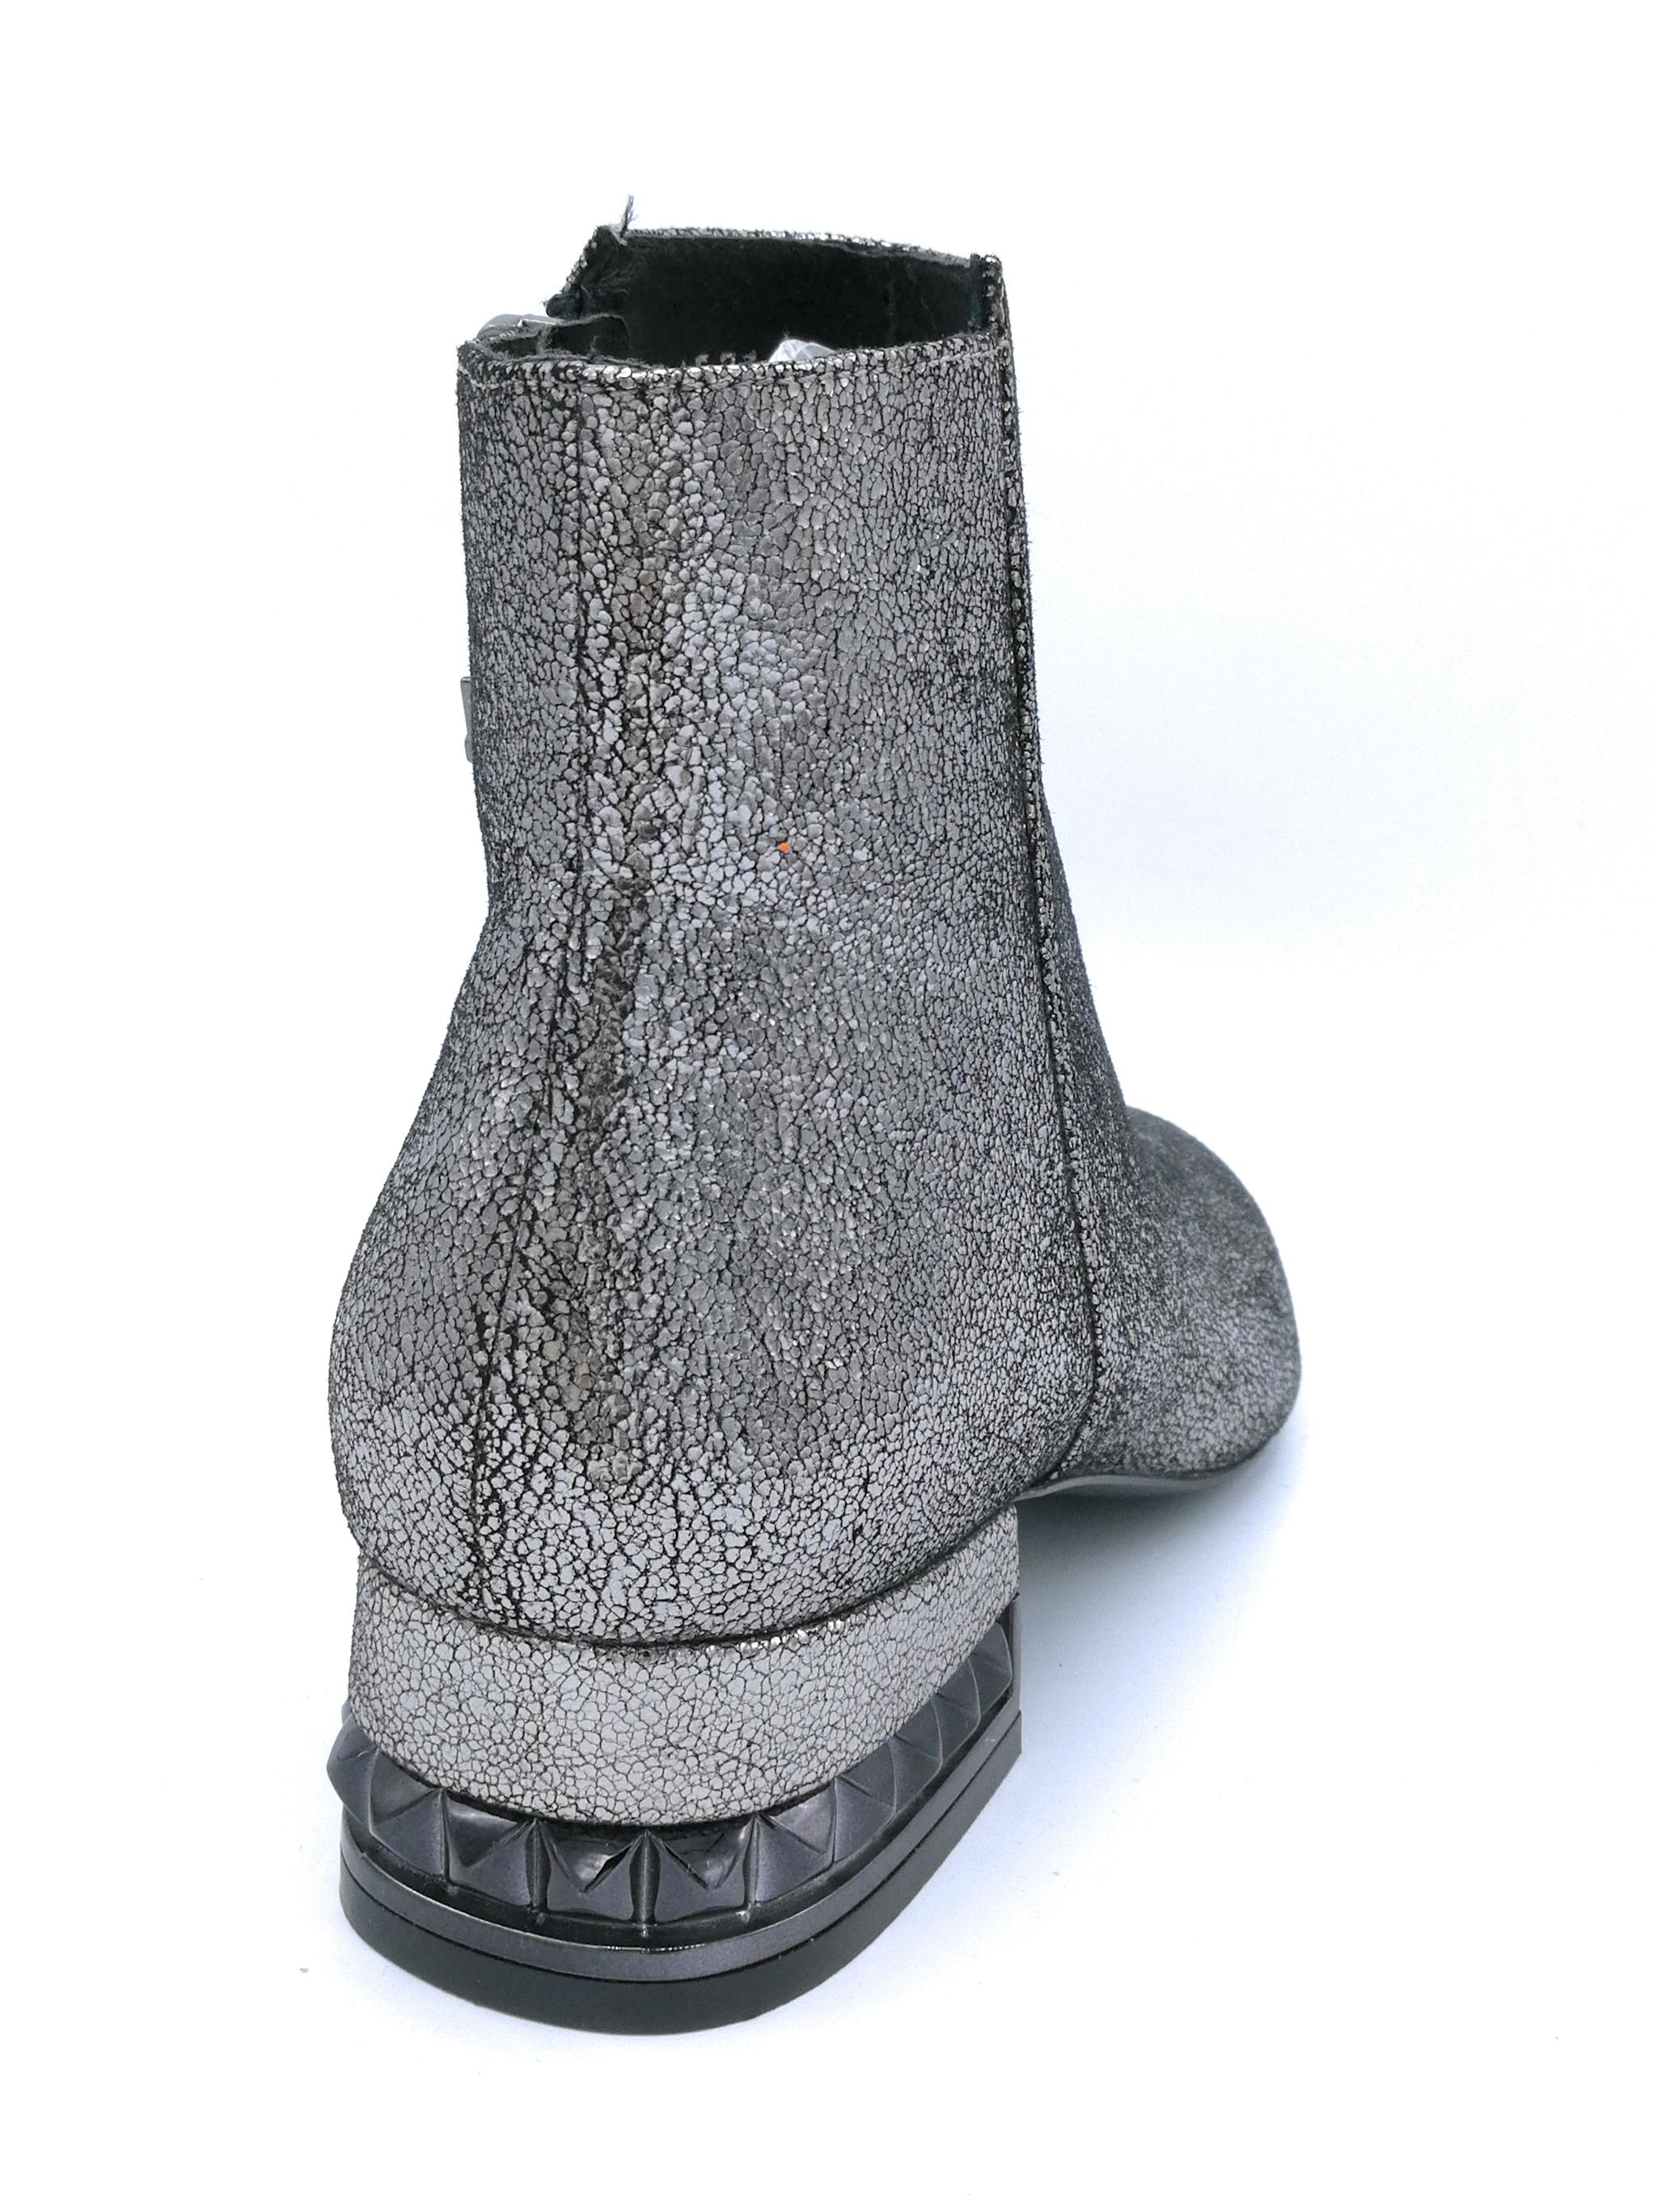 Bruno Premi U2100X stivaletto  laminato antracite cerniera 3cm tacco 3cm cerniera accessori 0d1a5c